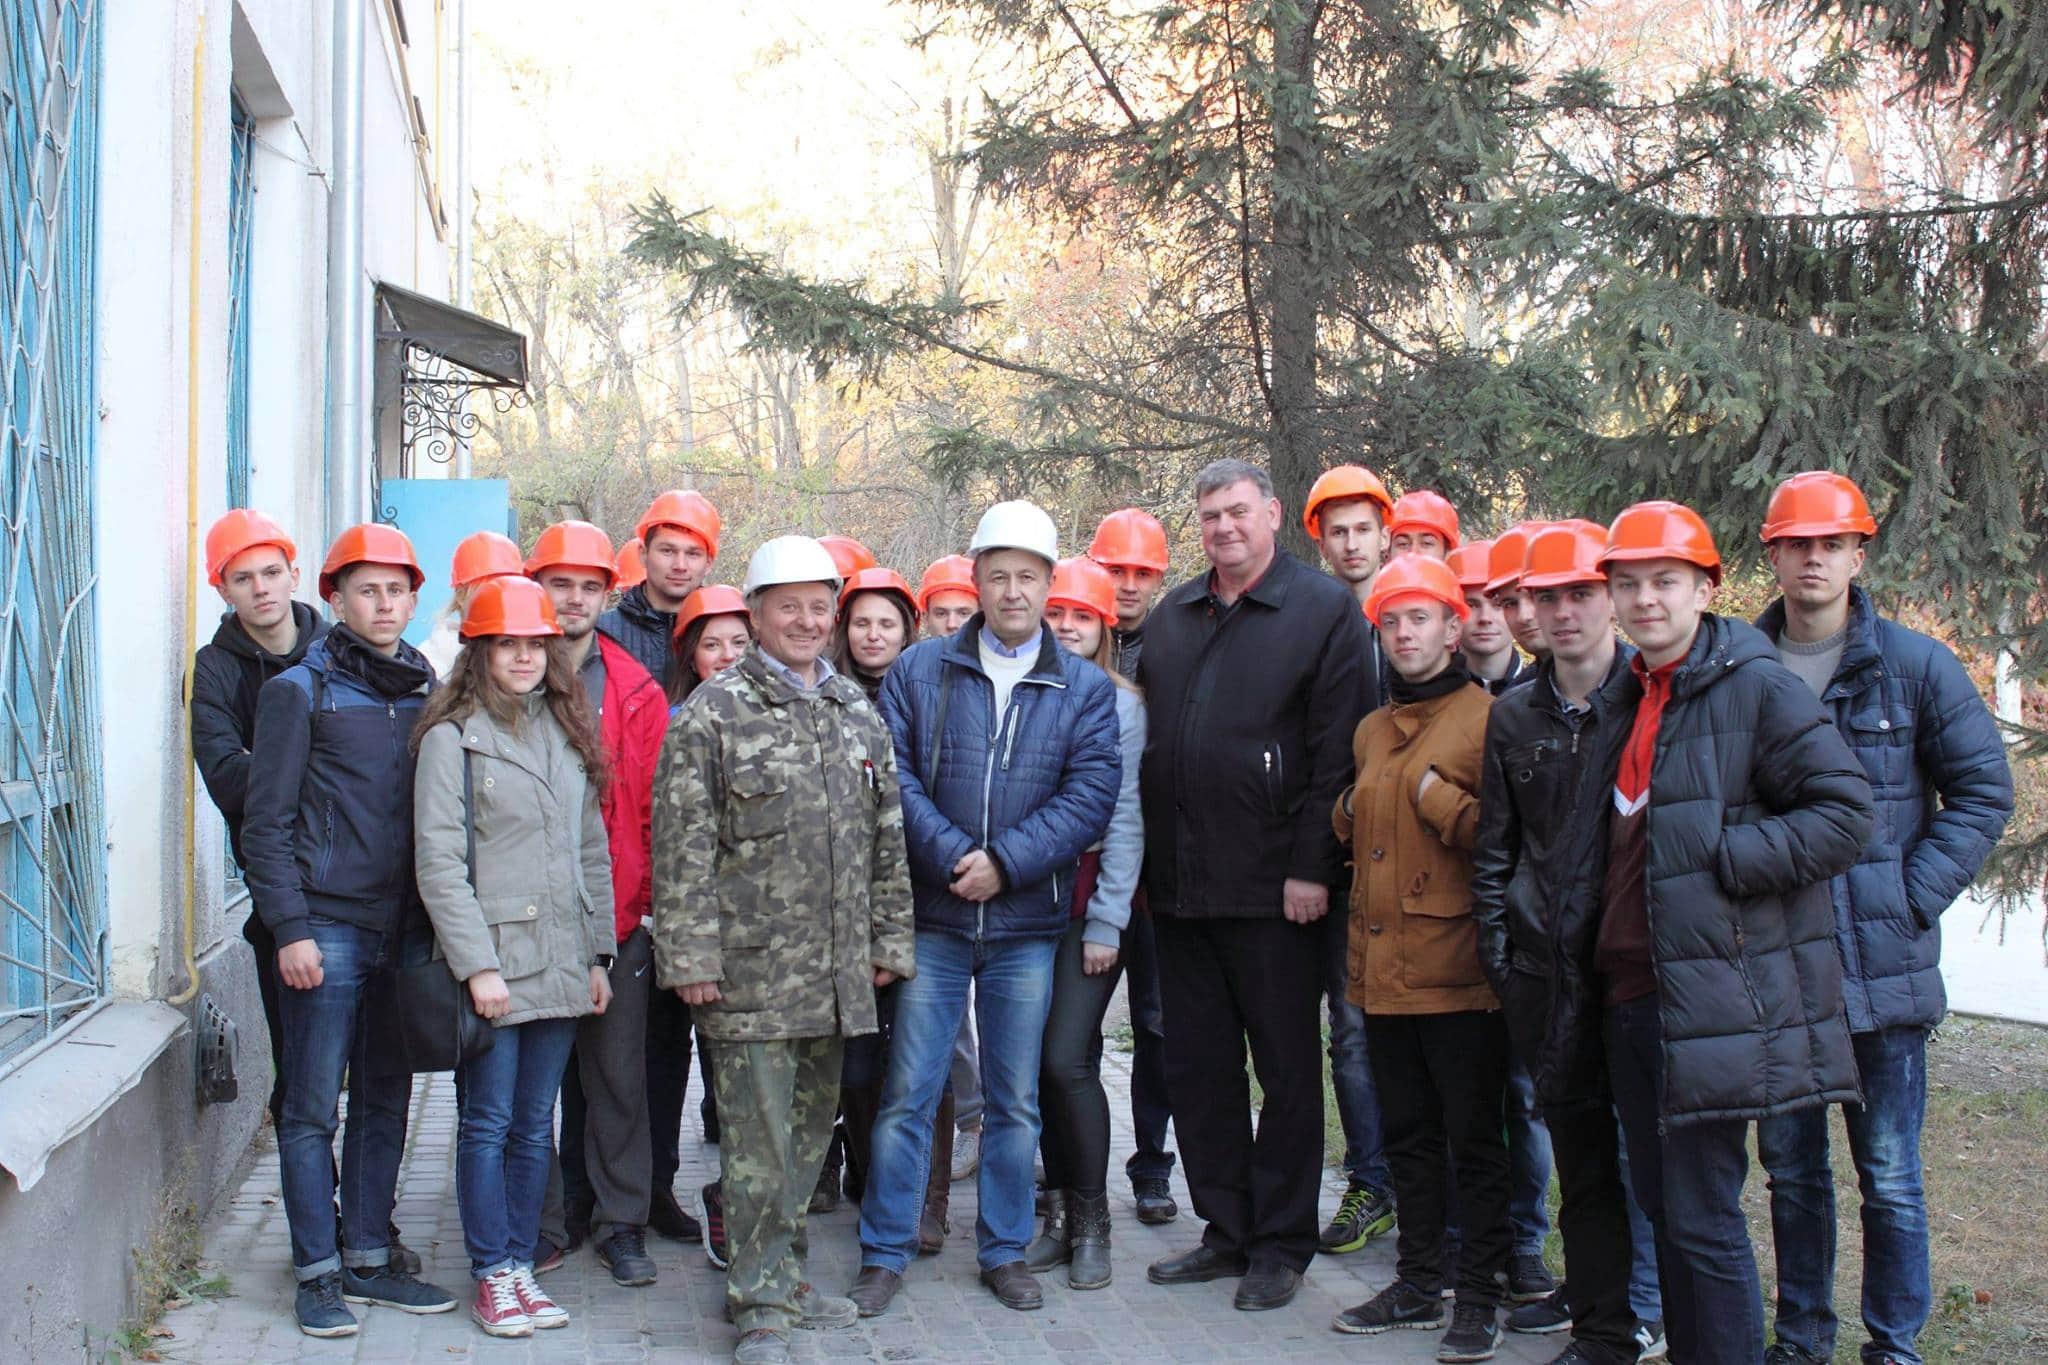 Студенти кафедри будівельної механіки екскурсія ПАТ «Будіндустрія»